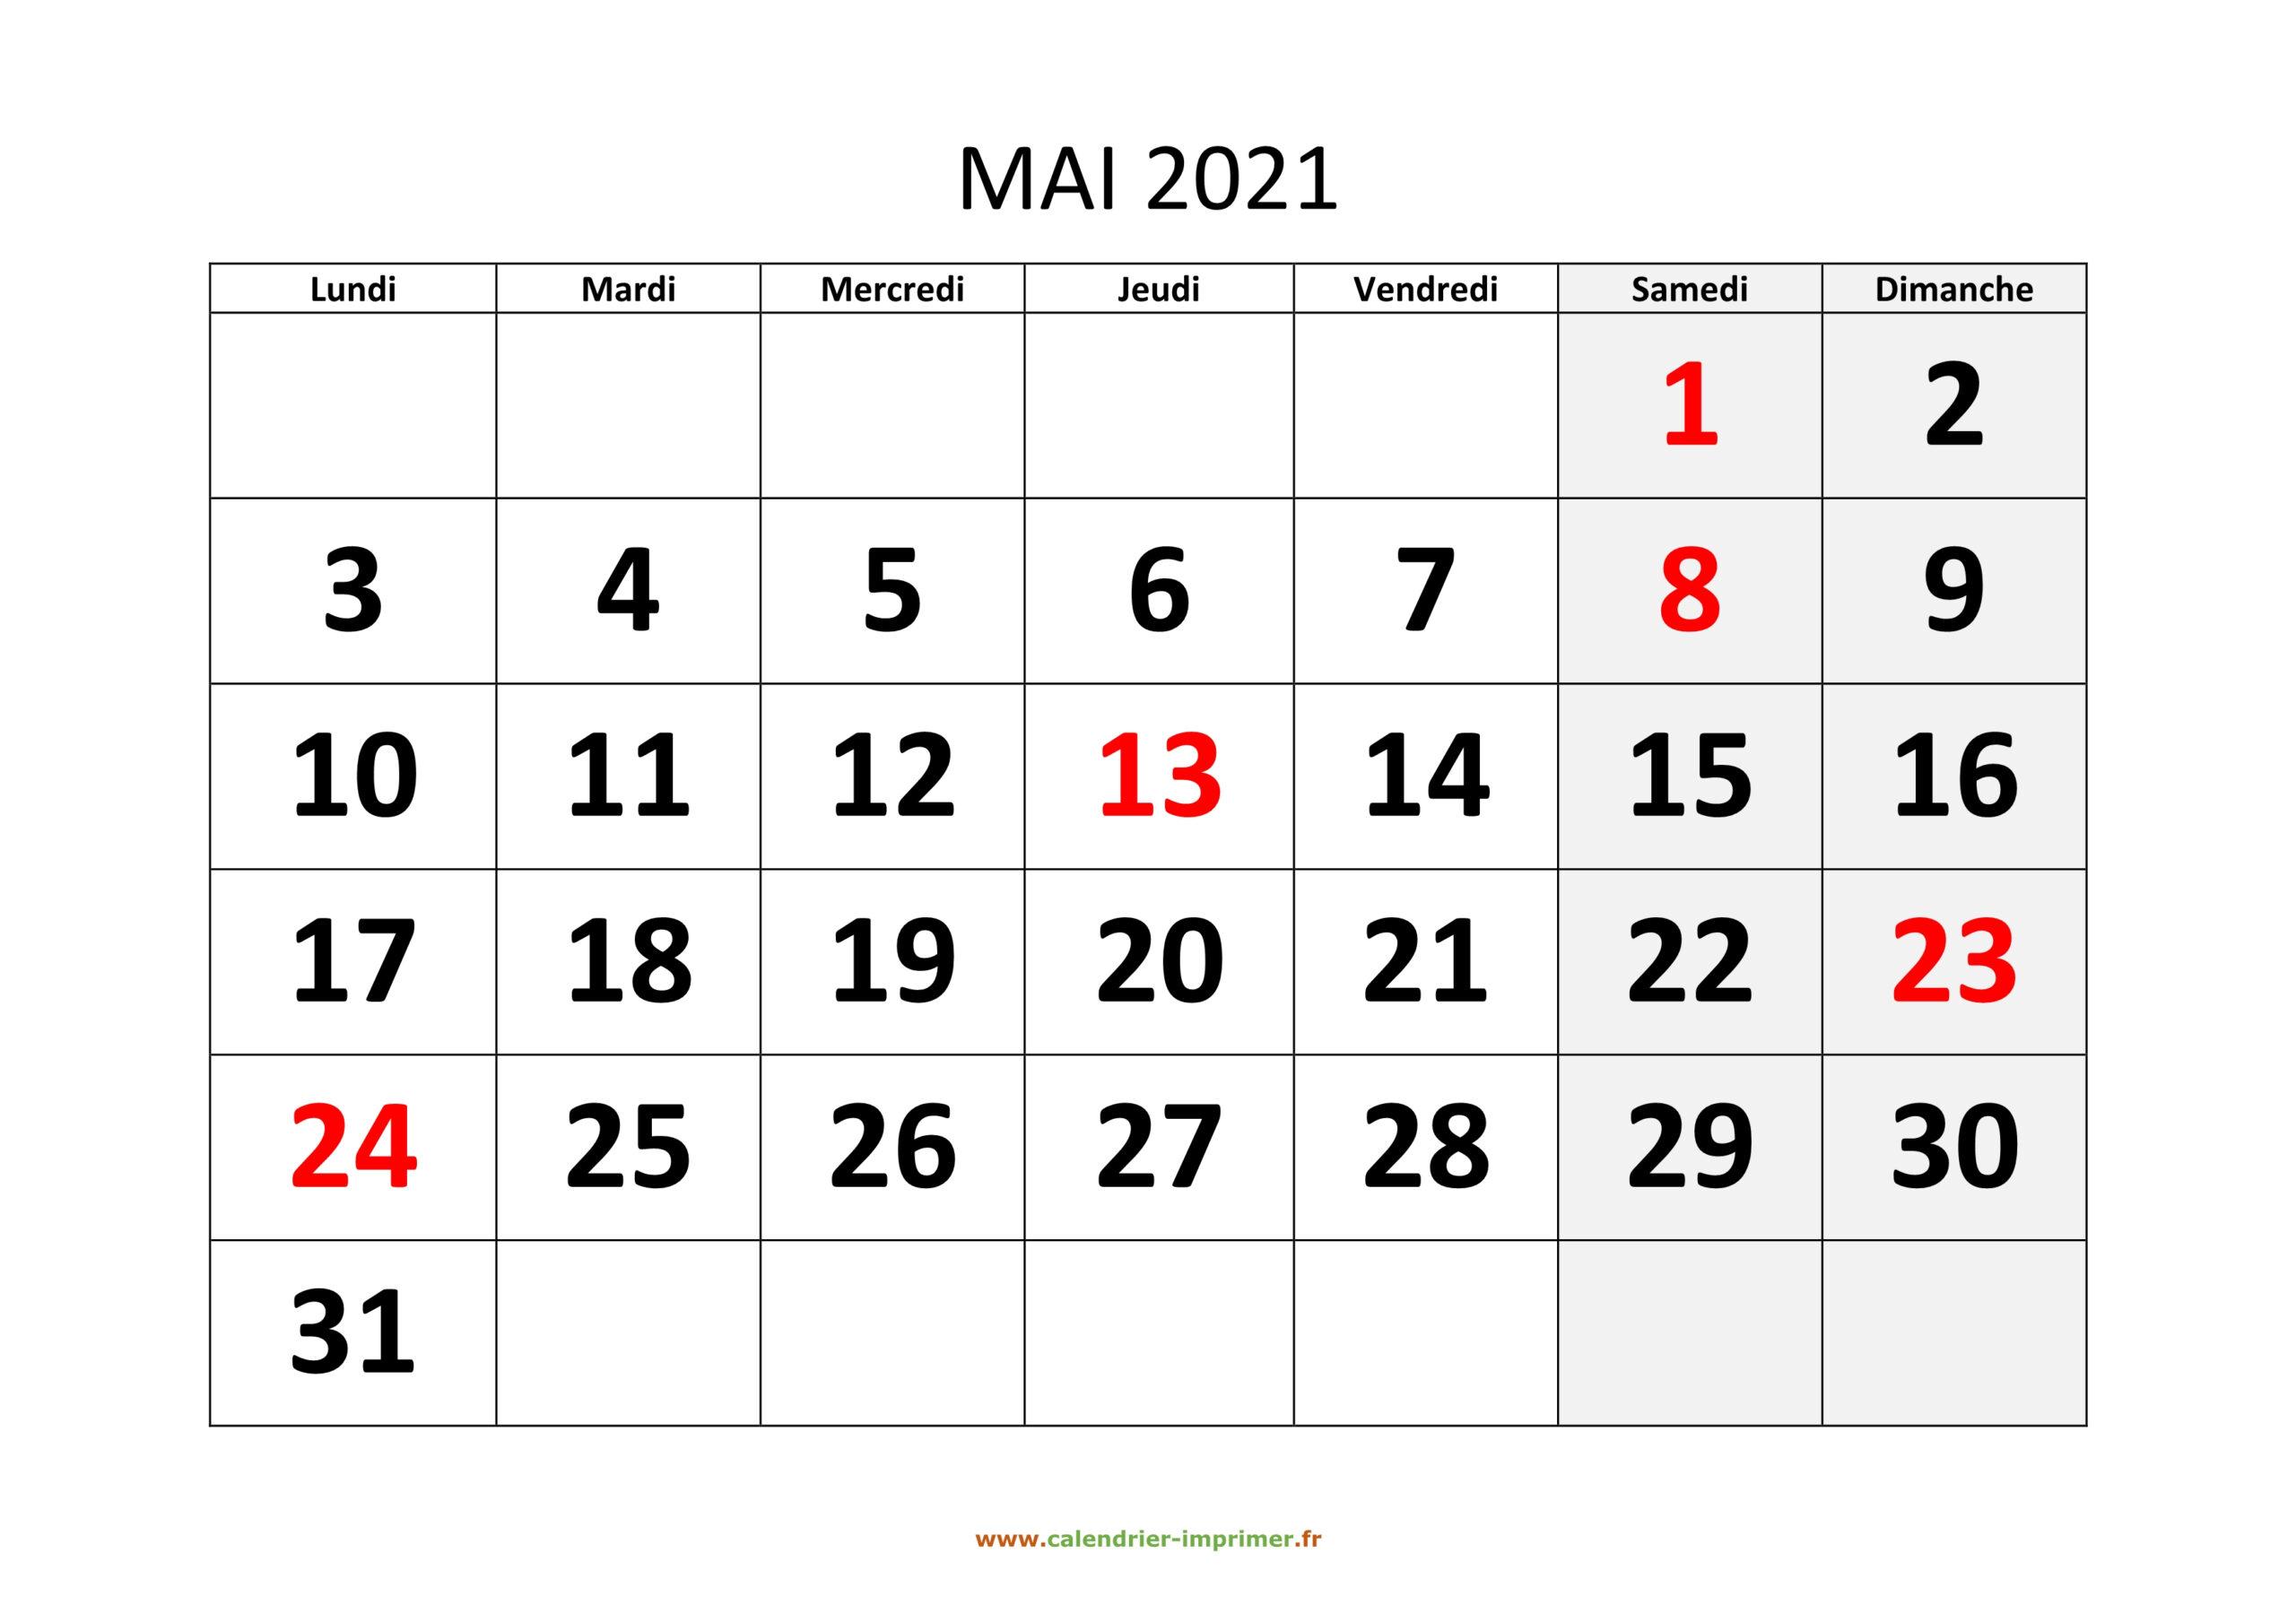 Calendrier Mai 2021 Jour Ferie | Calendrier Avent in Calendrier À Imprimer 2021